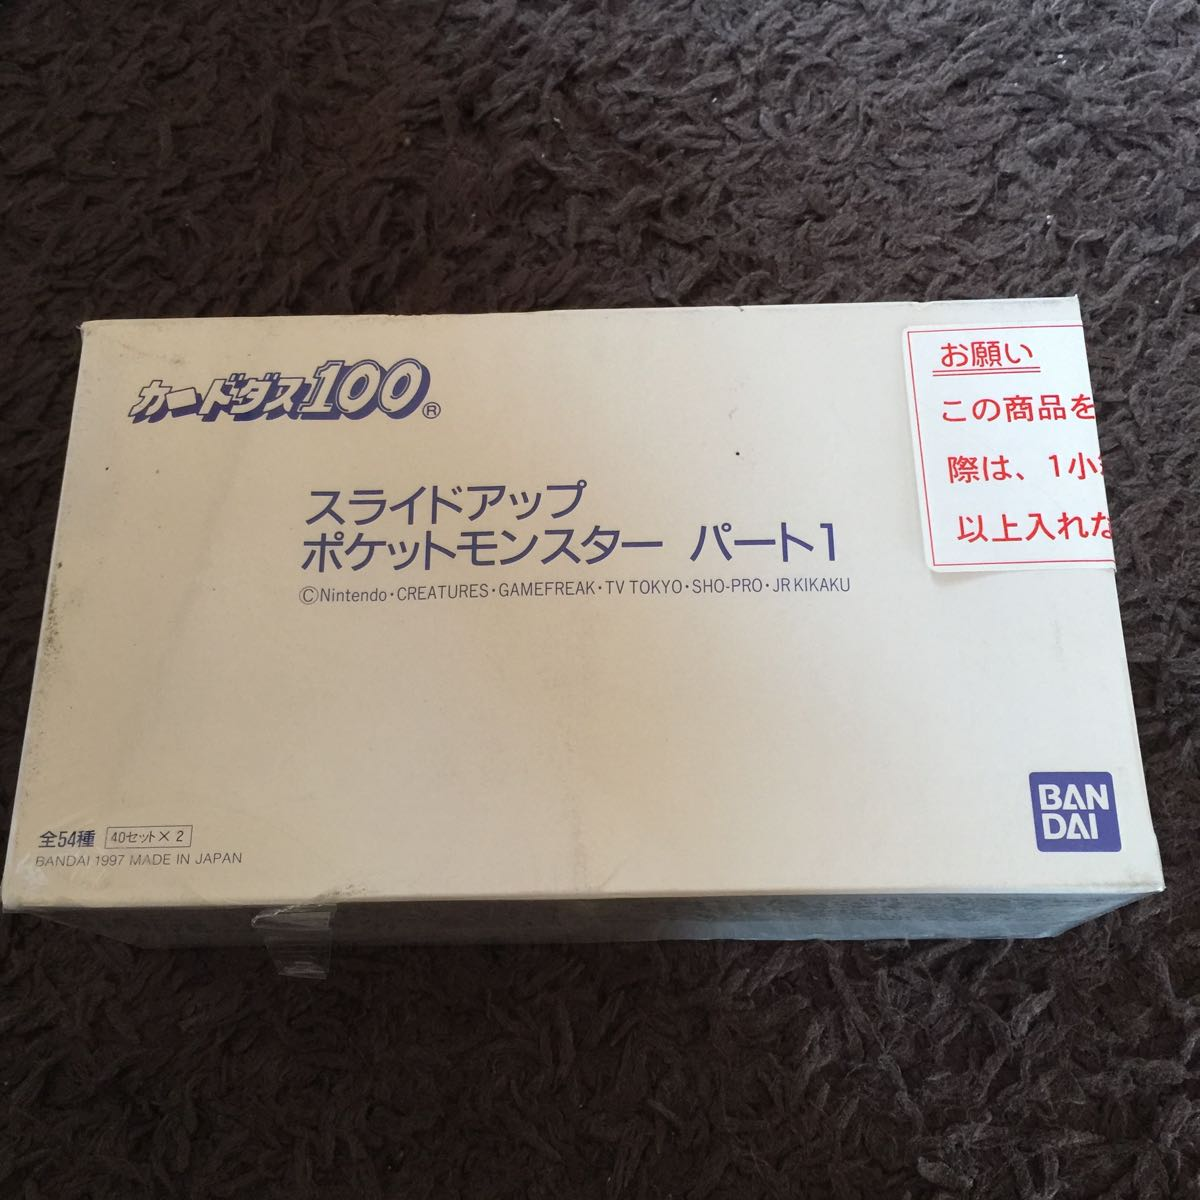 【送料無料】カードダス100 スライドアップ ポケットモンスター パート1 / カードダス 箱付き 箱 廃盤 レア ポケモン pokemon